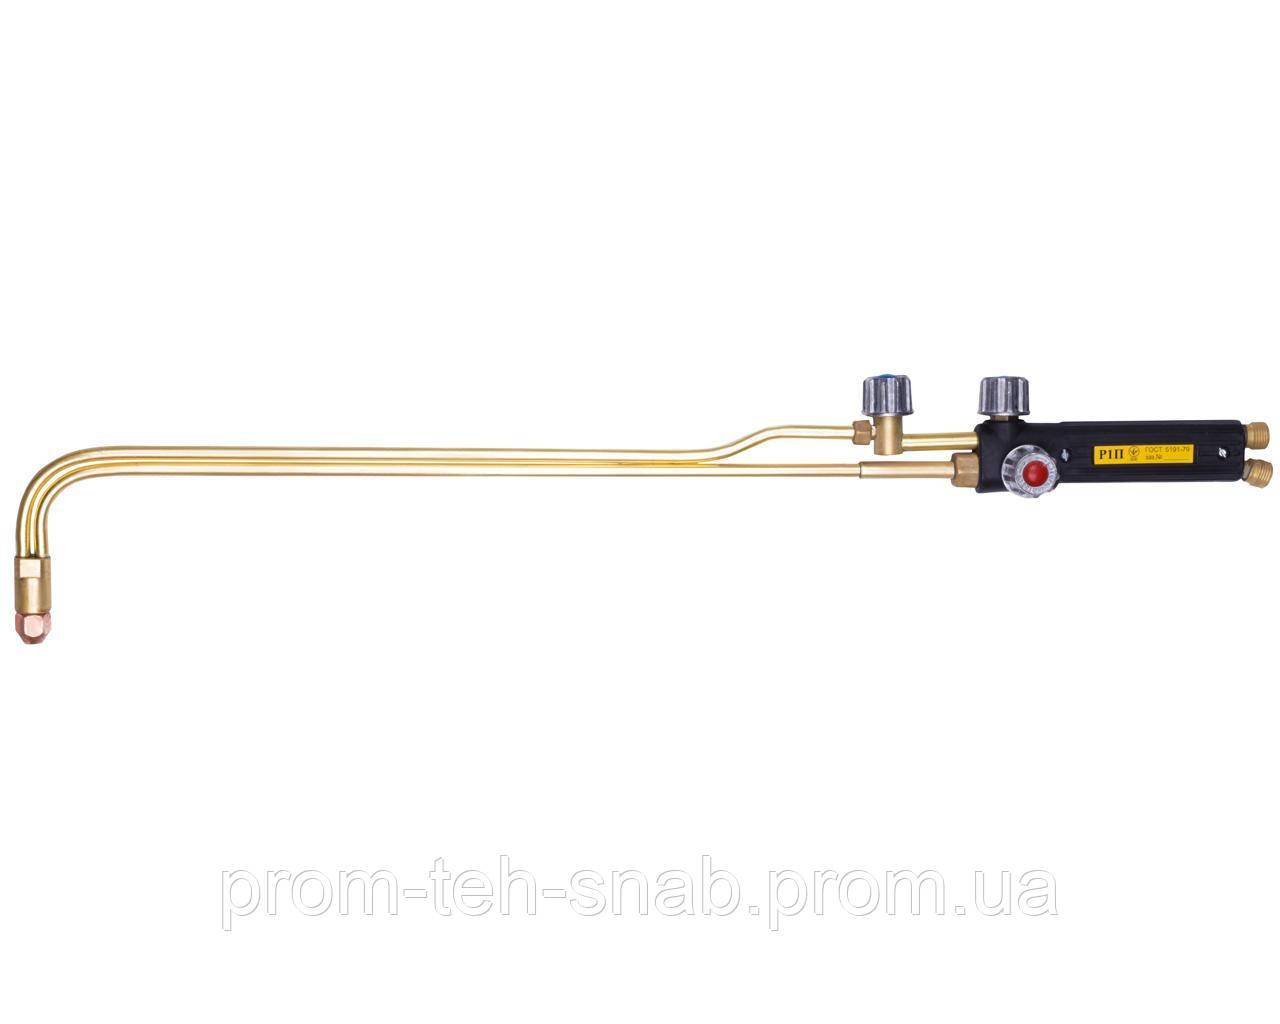 Резак Р1ПУ газокислородный ручной инжекторный Краматорск - 68 см